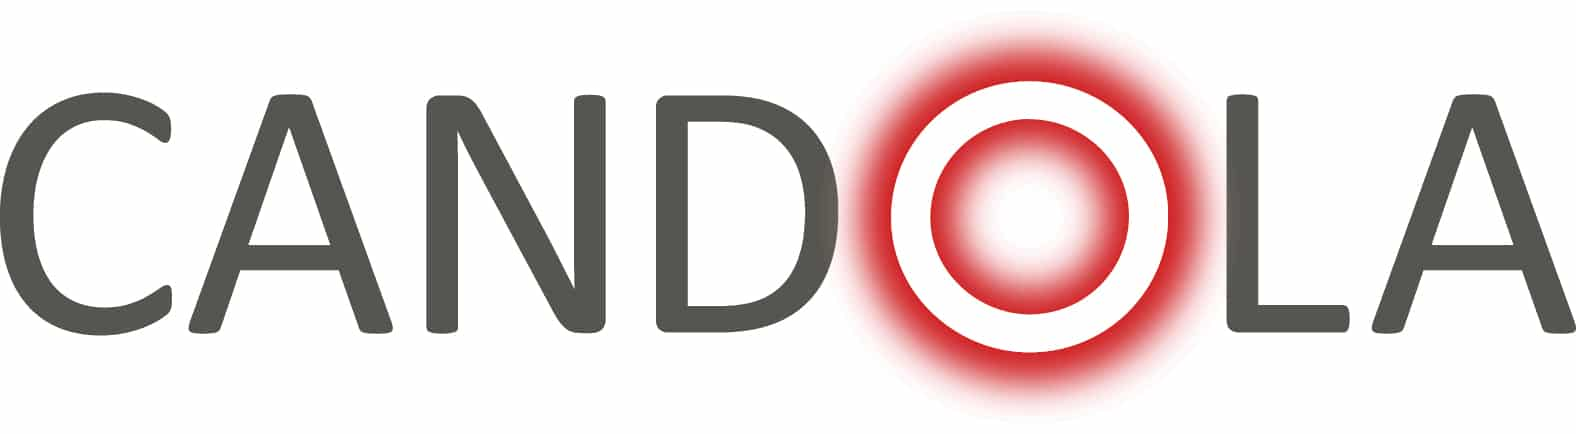 CANDOLA | Tischleuchten | Tischtücher | Gastronomiebedarf - Candol Produktions- und HandelsgesmbH